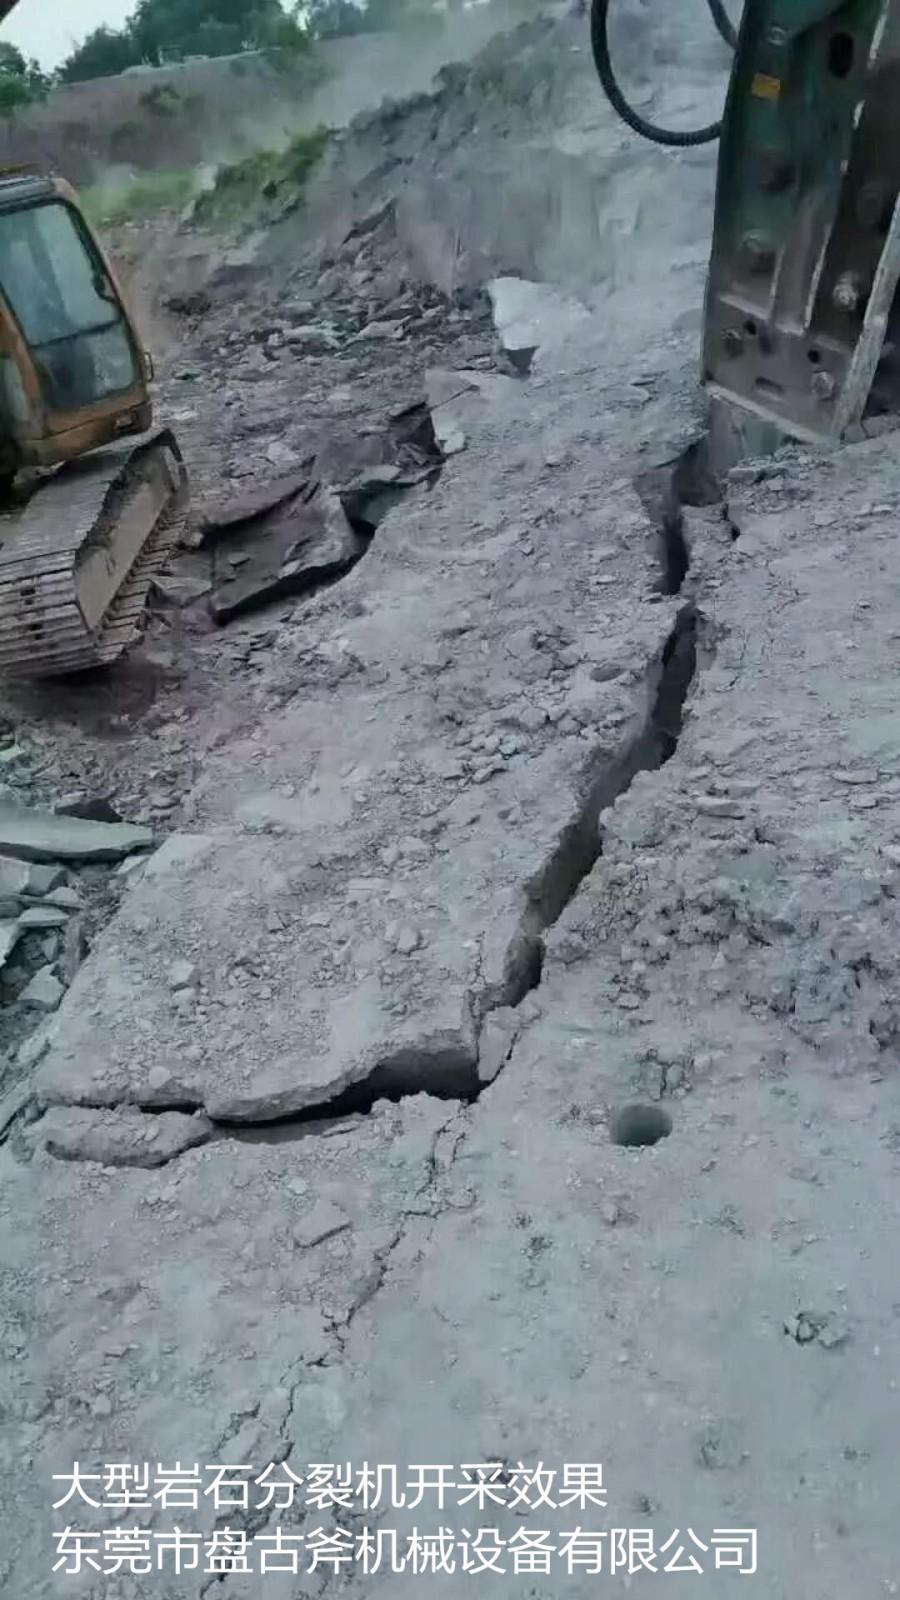 六条柱式分裂器可在中硬岩石上一分钟以内欲裂6至10立方